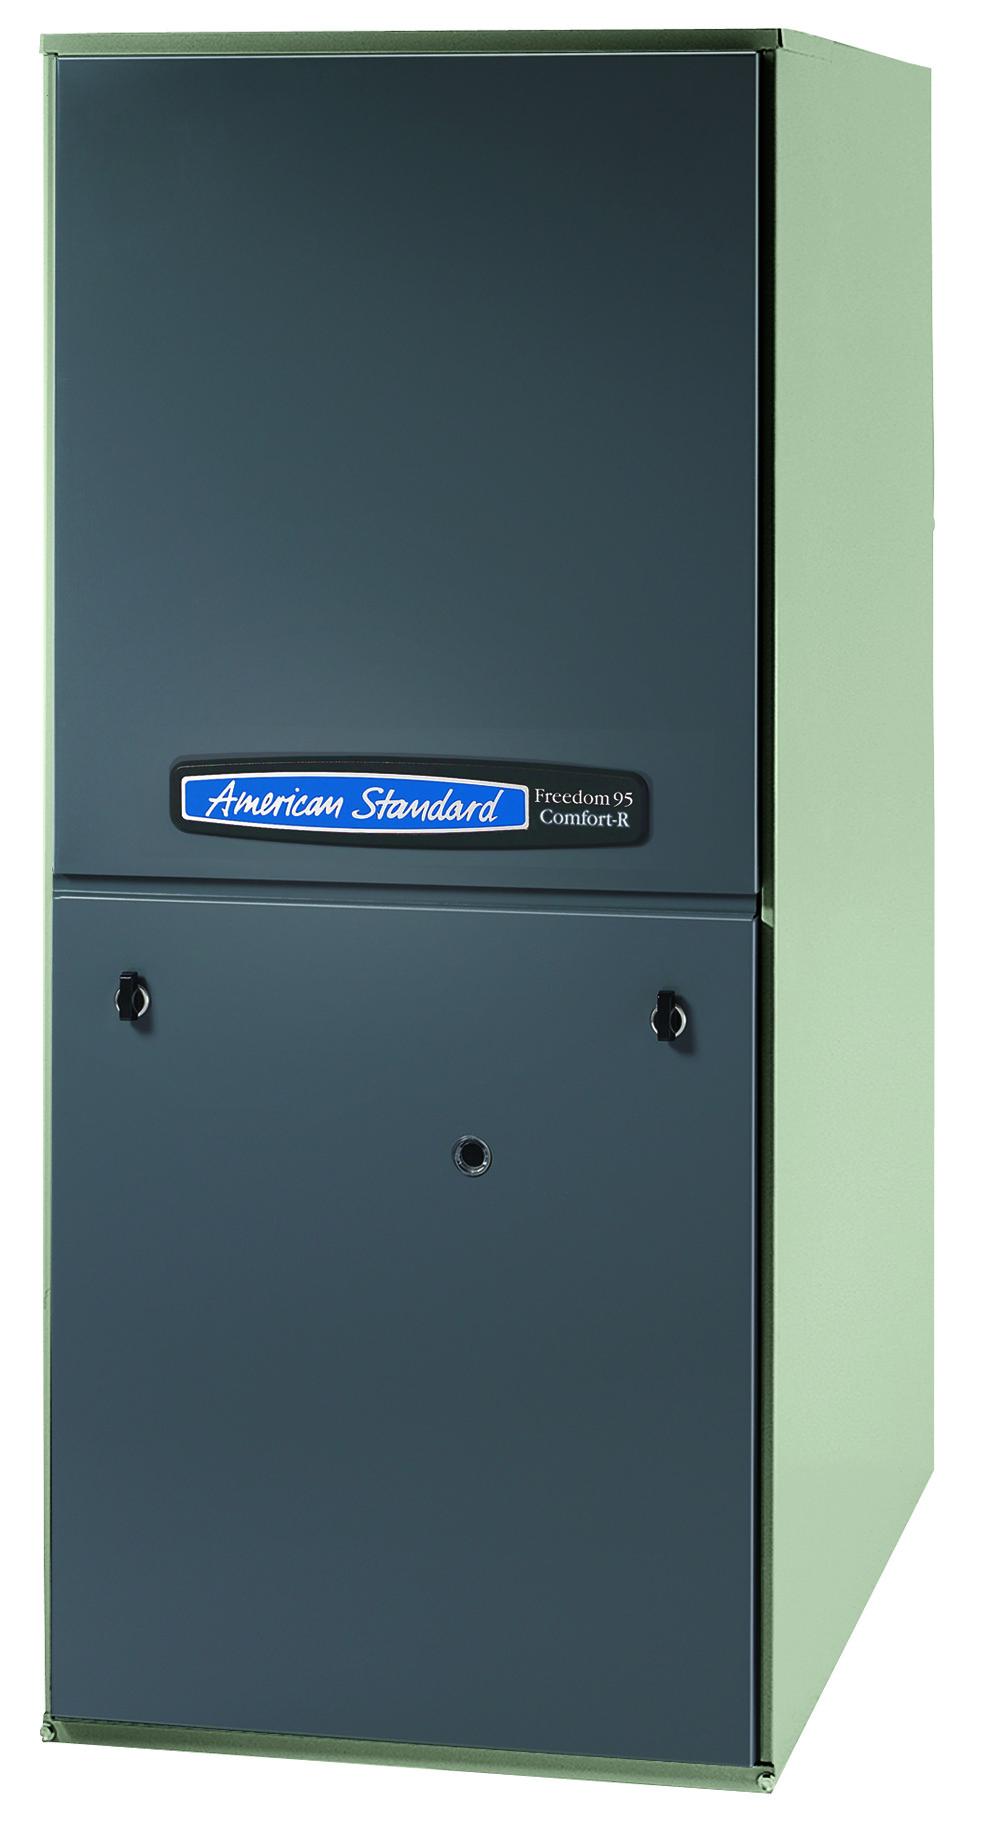 American Standard high-efficiency furnace